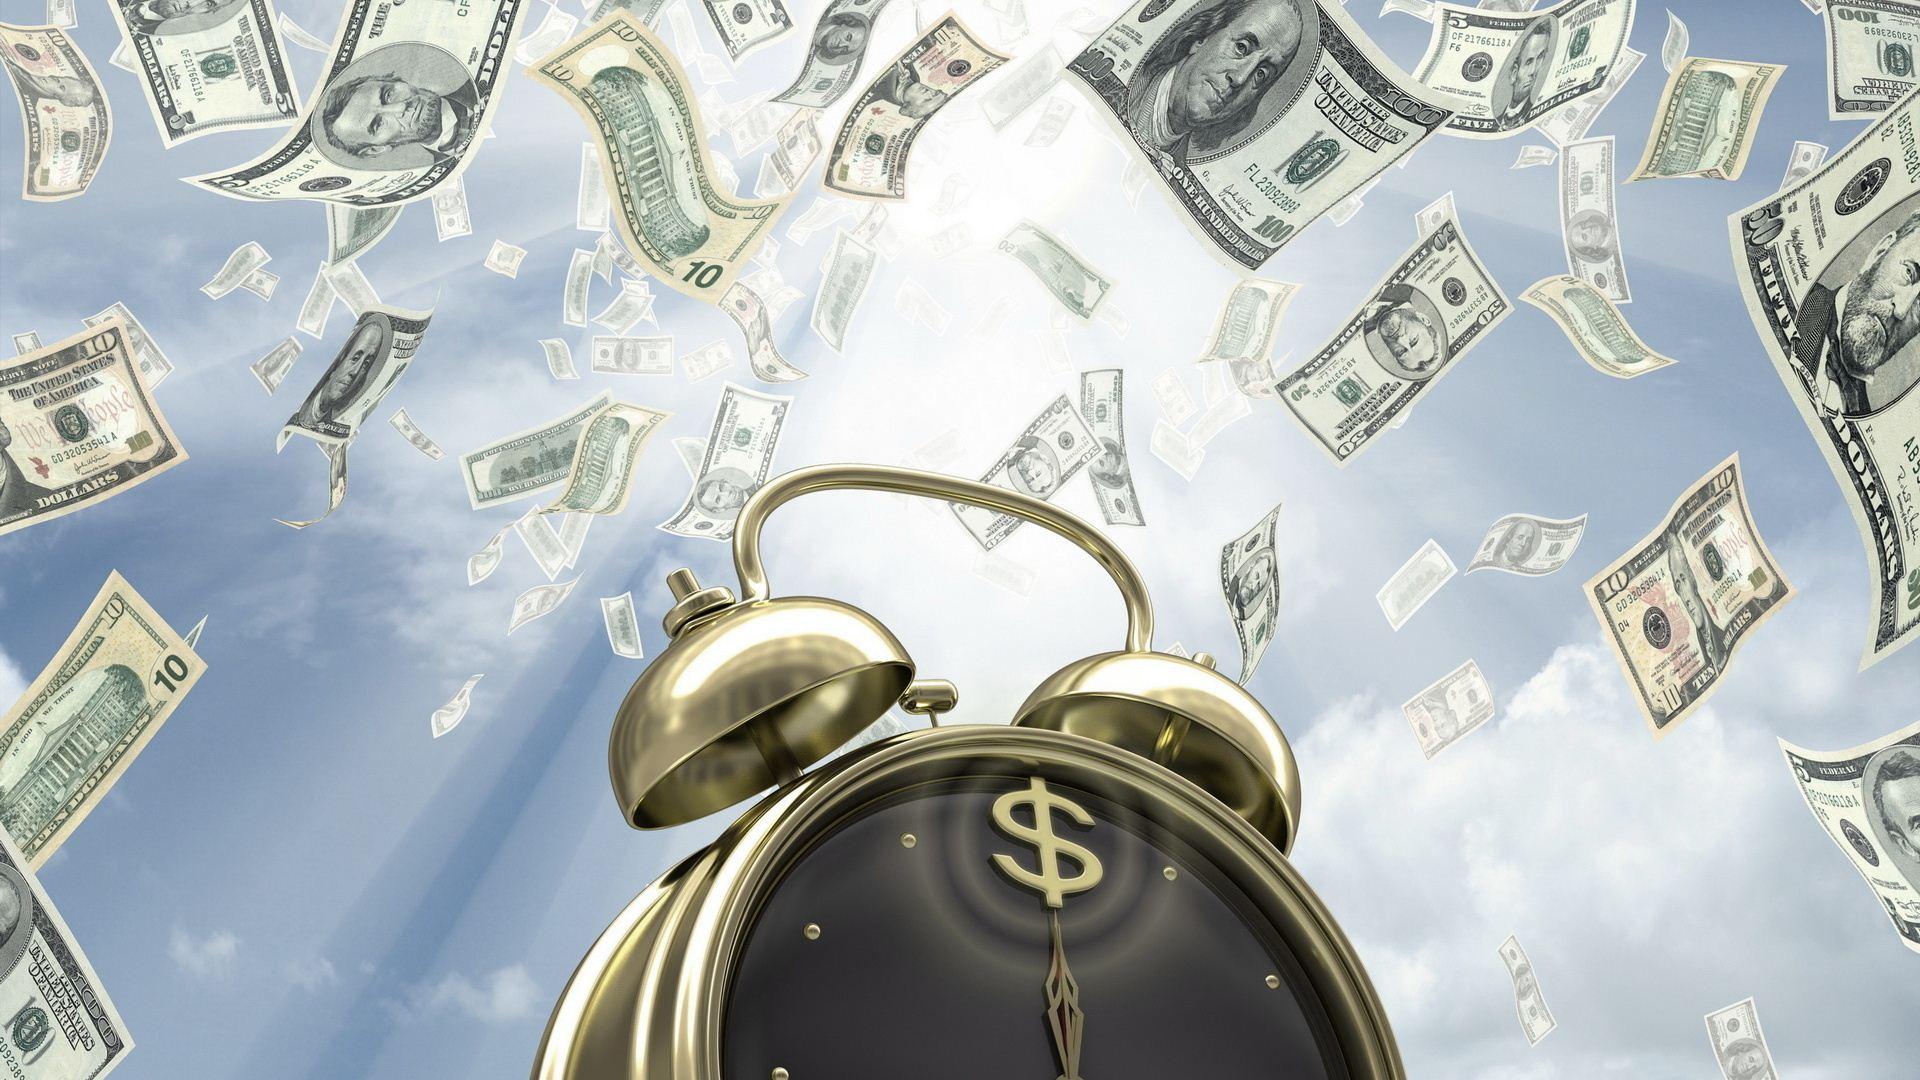 Ý tưởng về các bước đầu tư nhỏ làm giàu hiệu quả